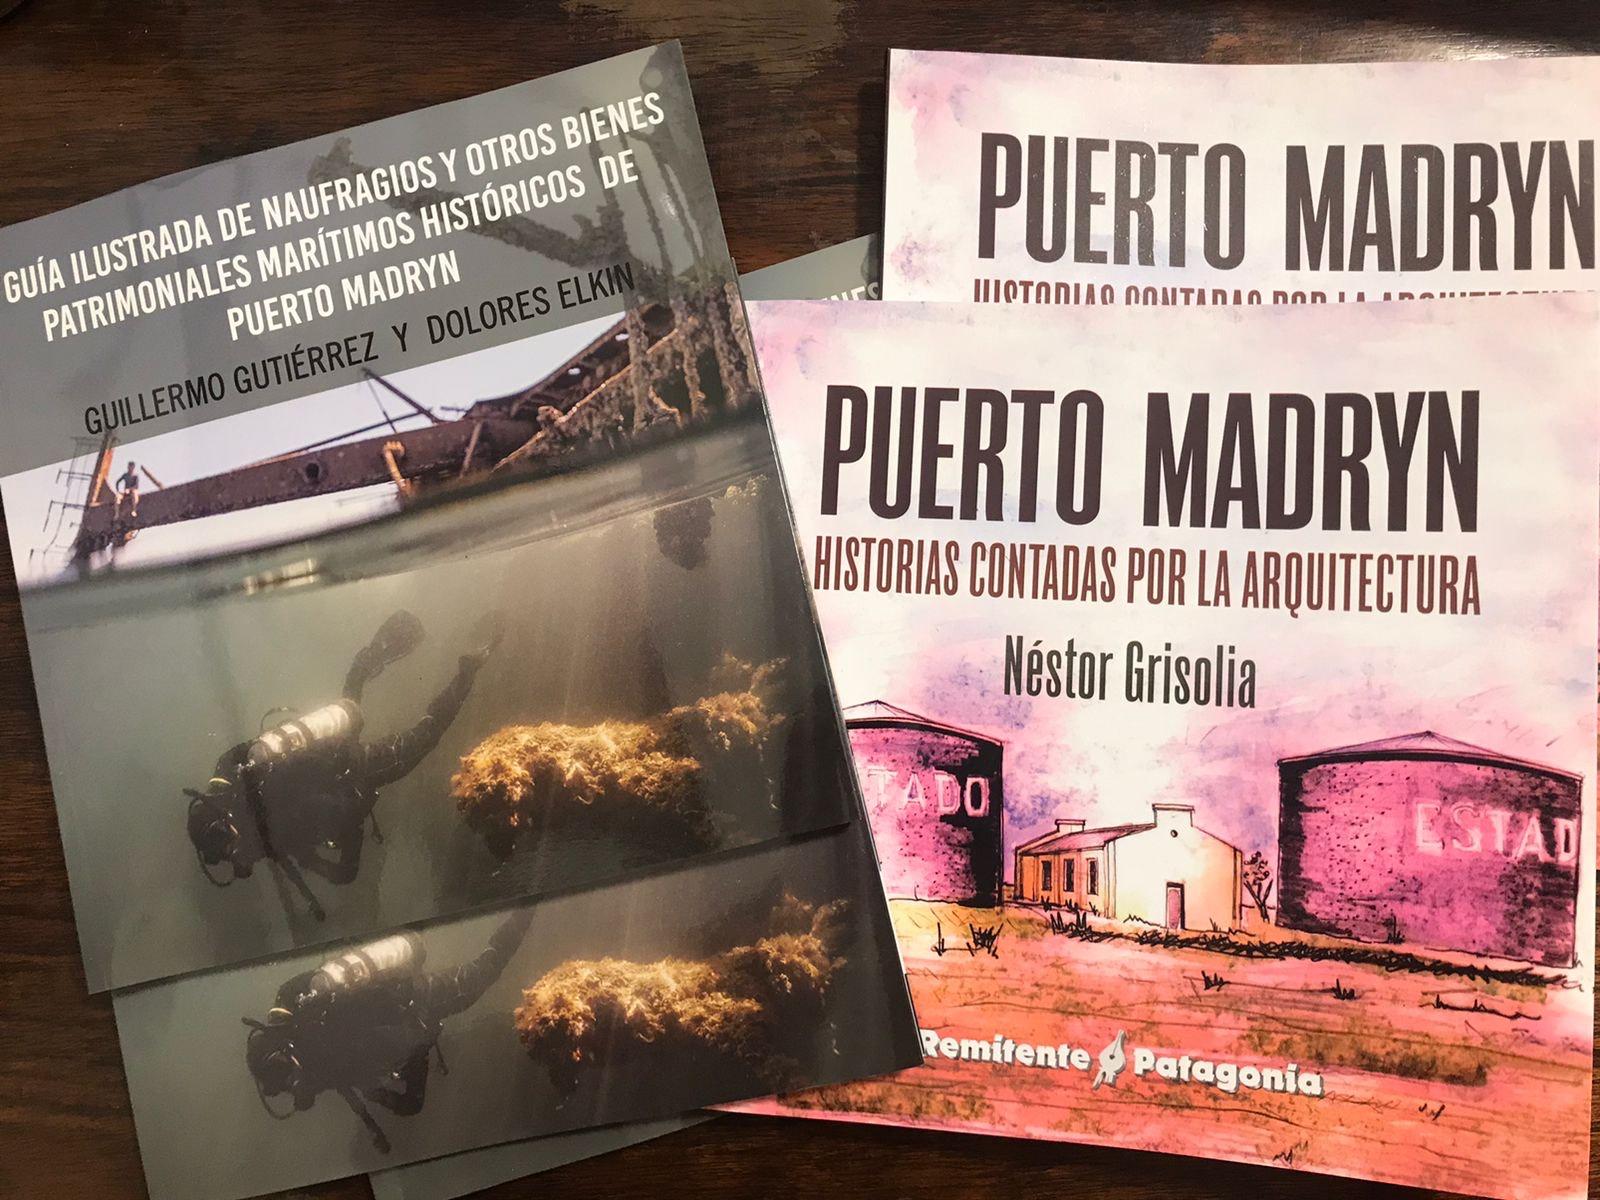 Puerto Madryn: Se presentaron dos libros vinculados al patrimonio de la ciudad